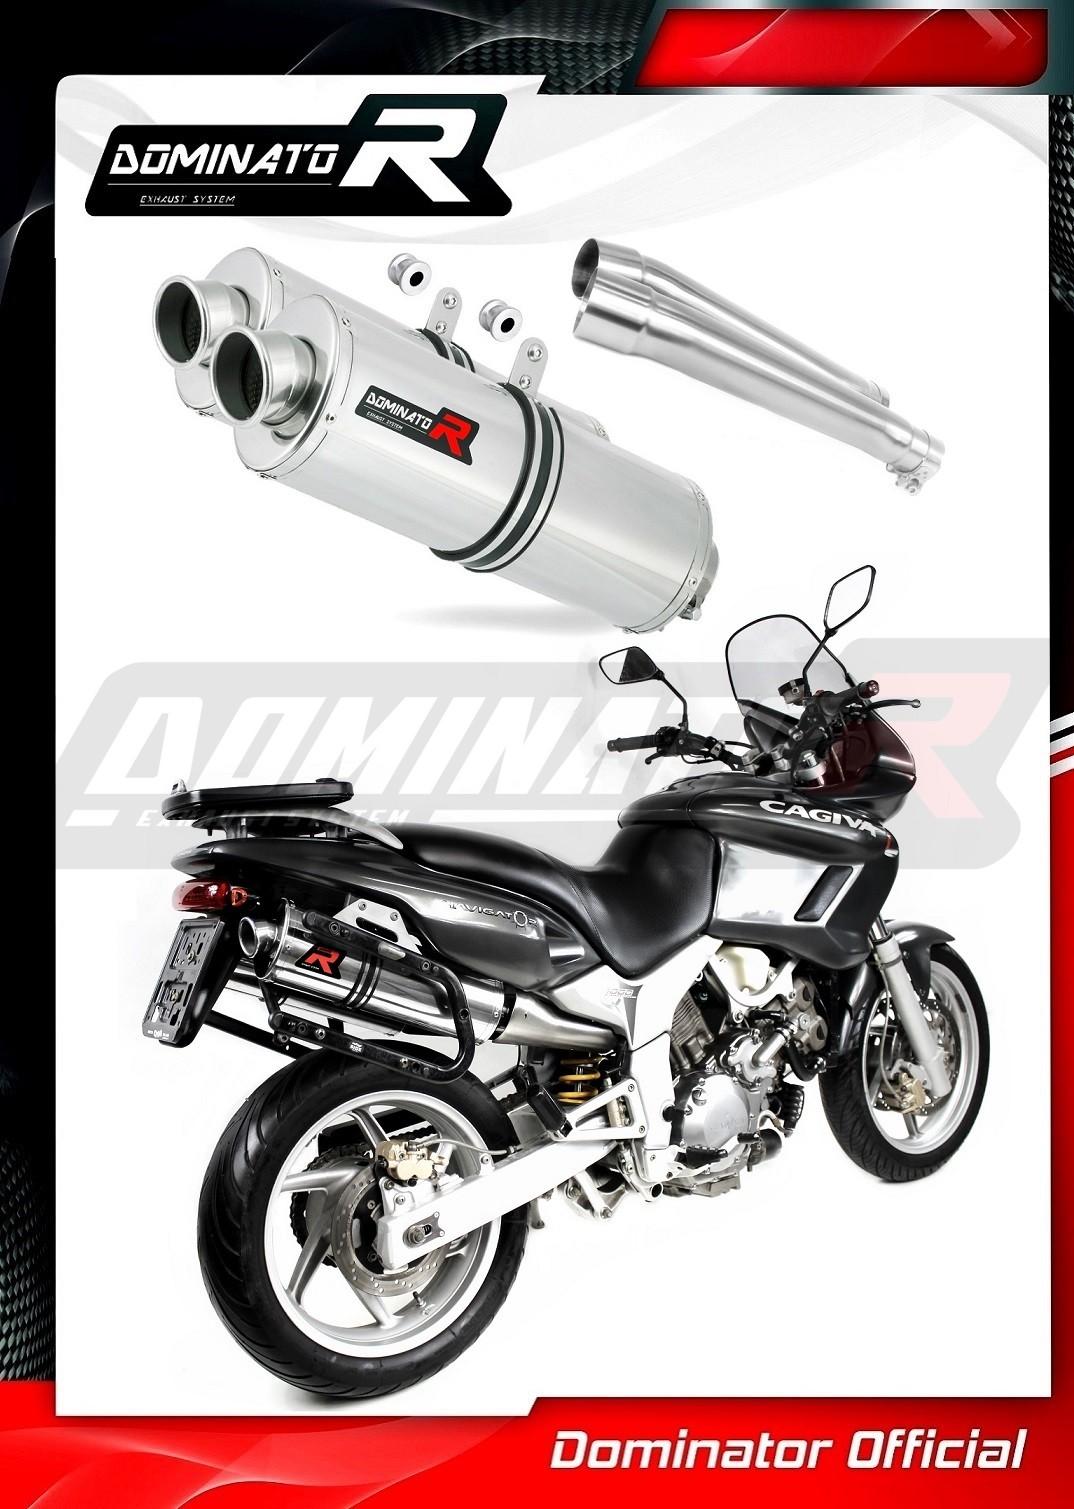 OVAL DB KILLER Dominator Exhaust SUZUKI GSF 1250 BANDIT 07-14